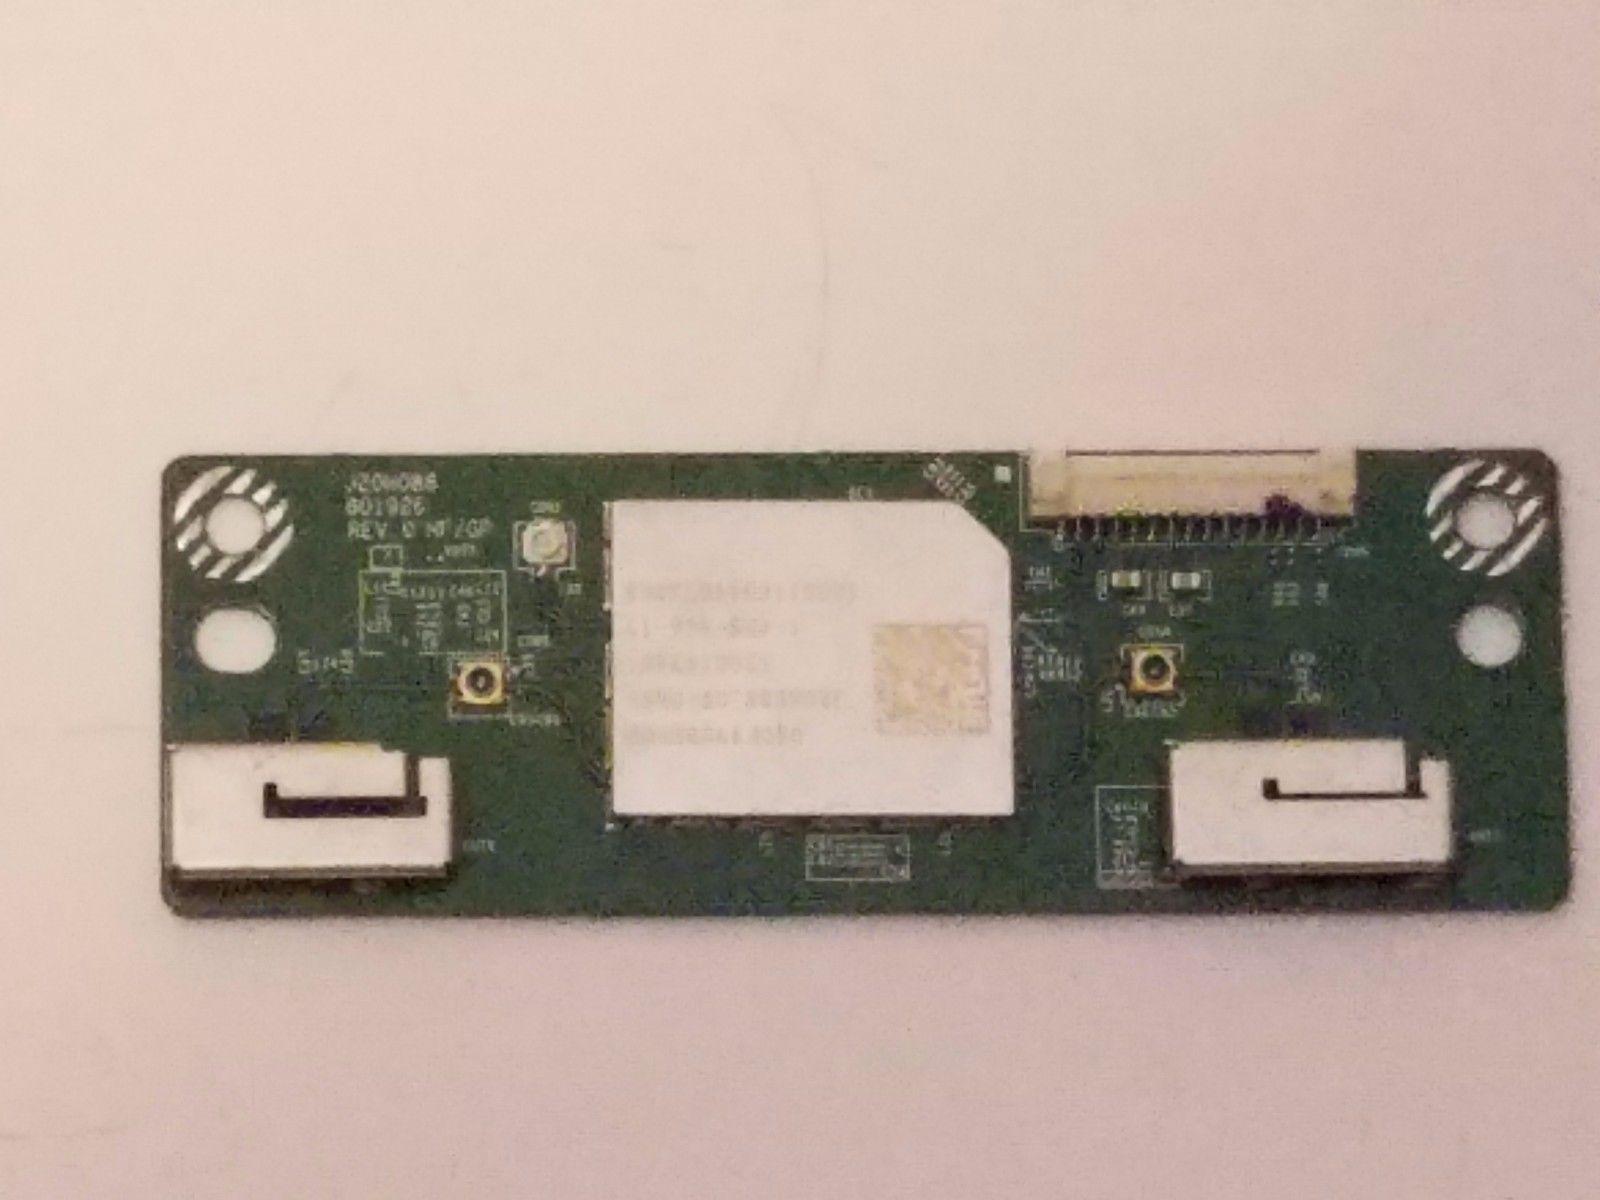 Sony XBR 65X900E Wifi Adaptor 1 458 966 11